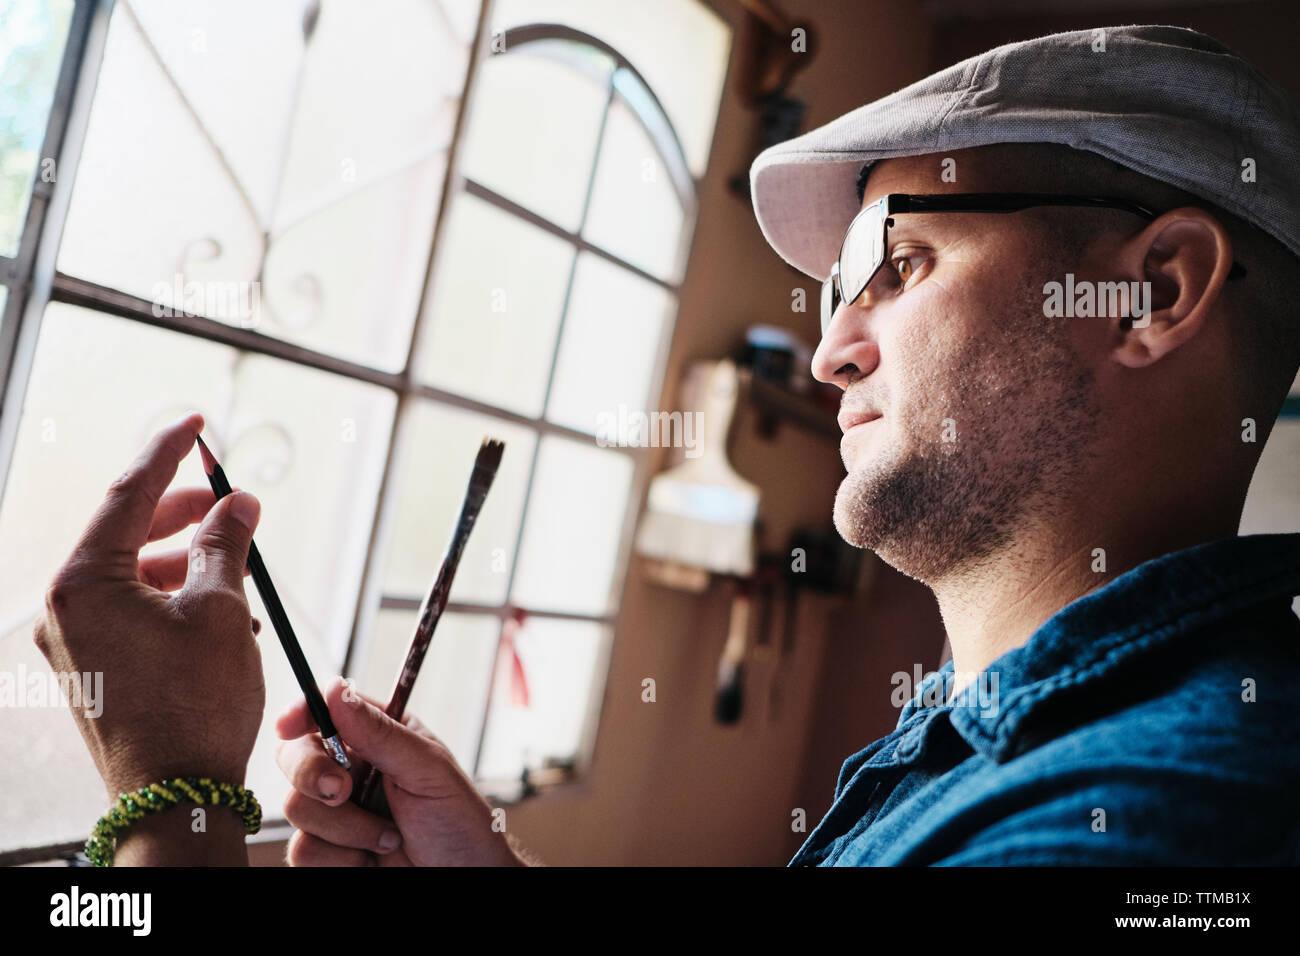 L'homme travaillant comme peintre contrôle brosse et embout de crayon avant peinture Banque D'Images